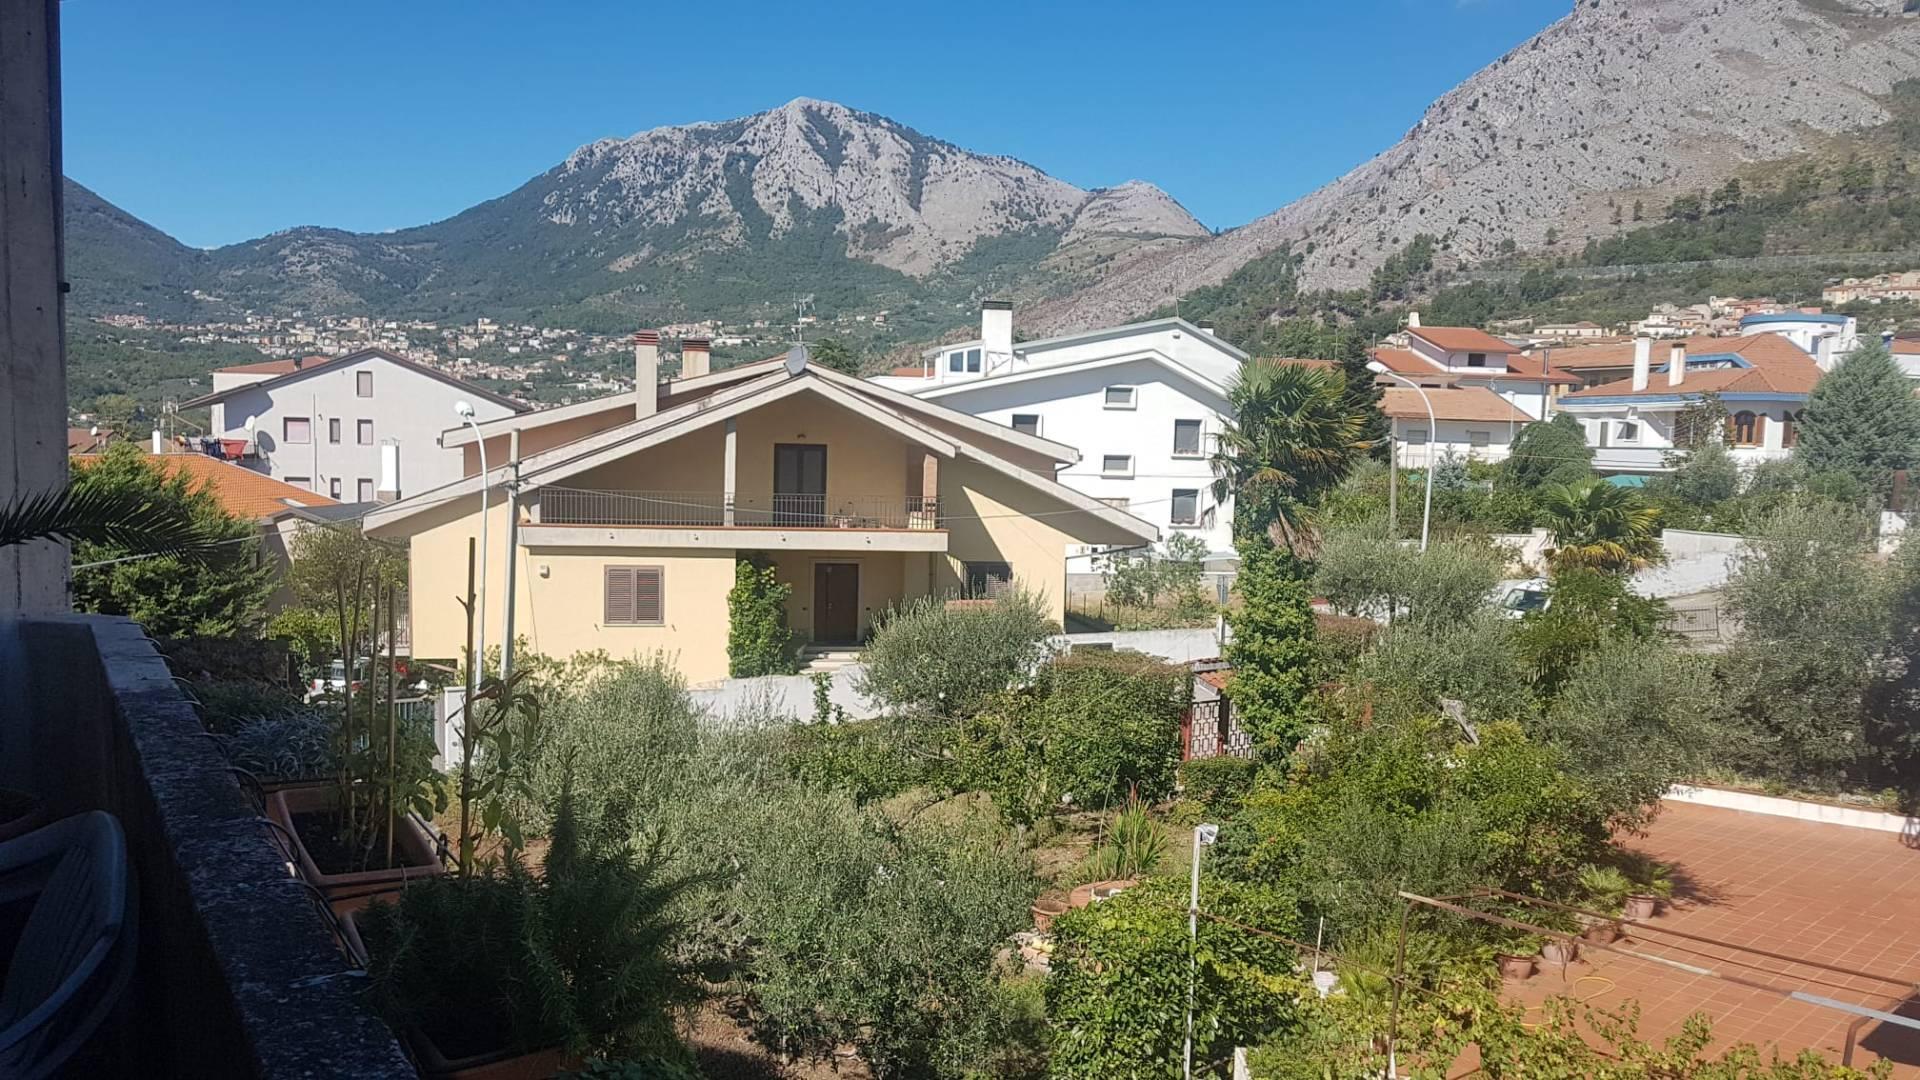 Appartamento in vendita a Foglianise, 8 locali, prezzo € 106.000 | PortaleAgenzieImmobiliari.it